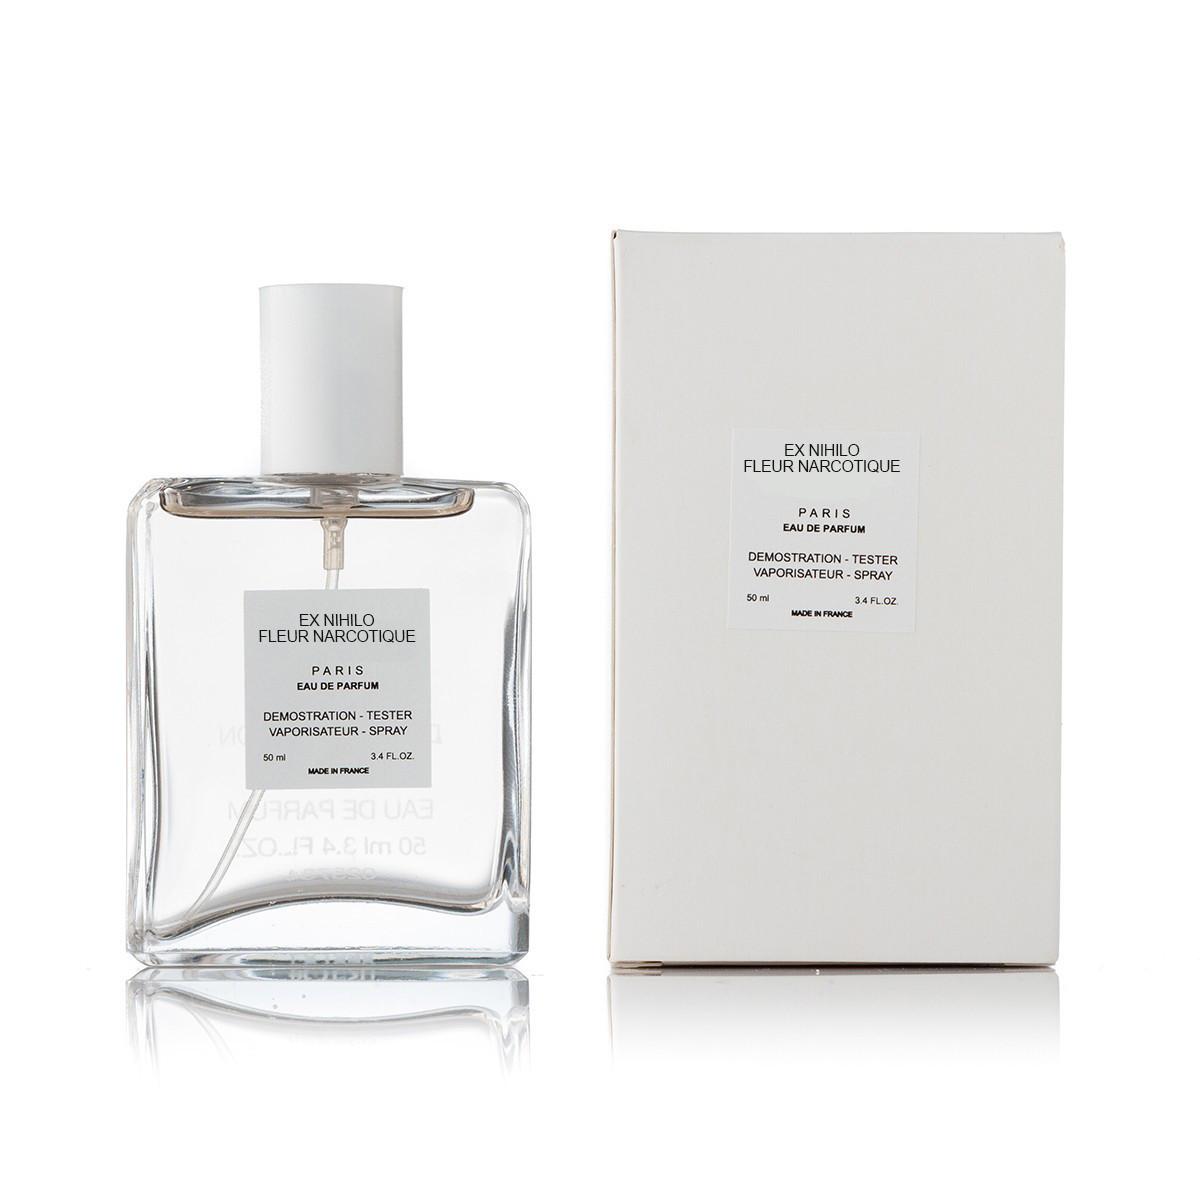 Ex Nihilo Fleur Narcotique - White Tester 50ml